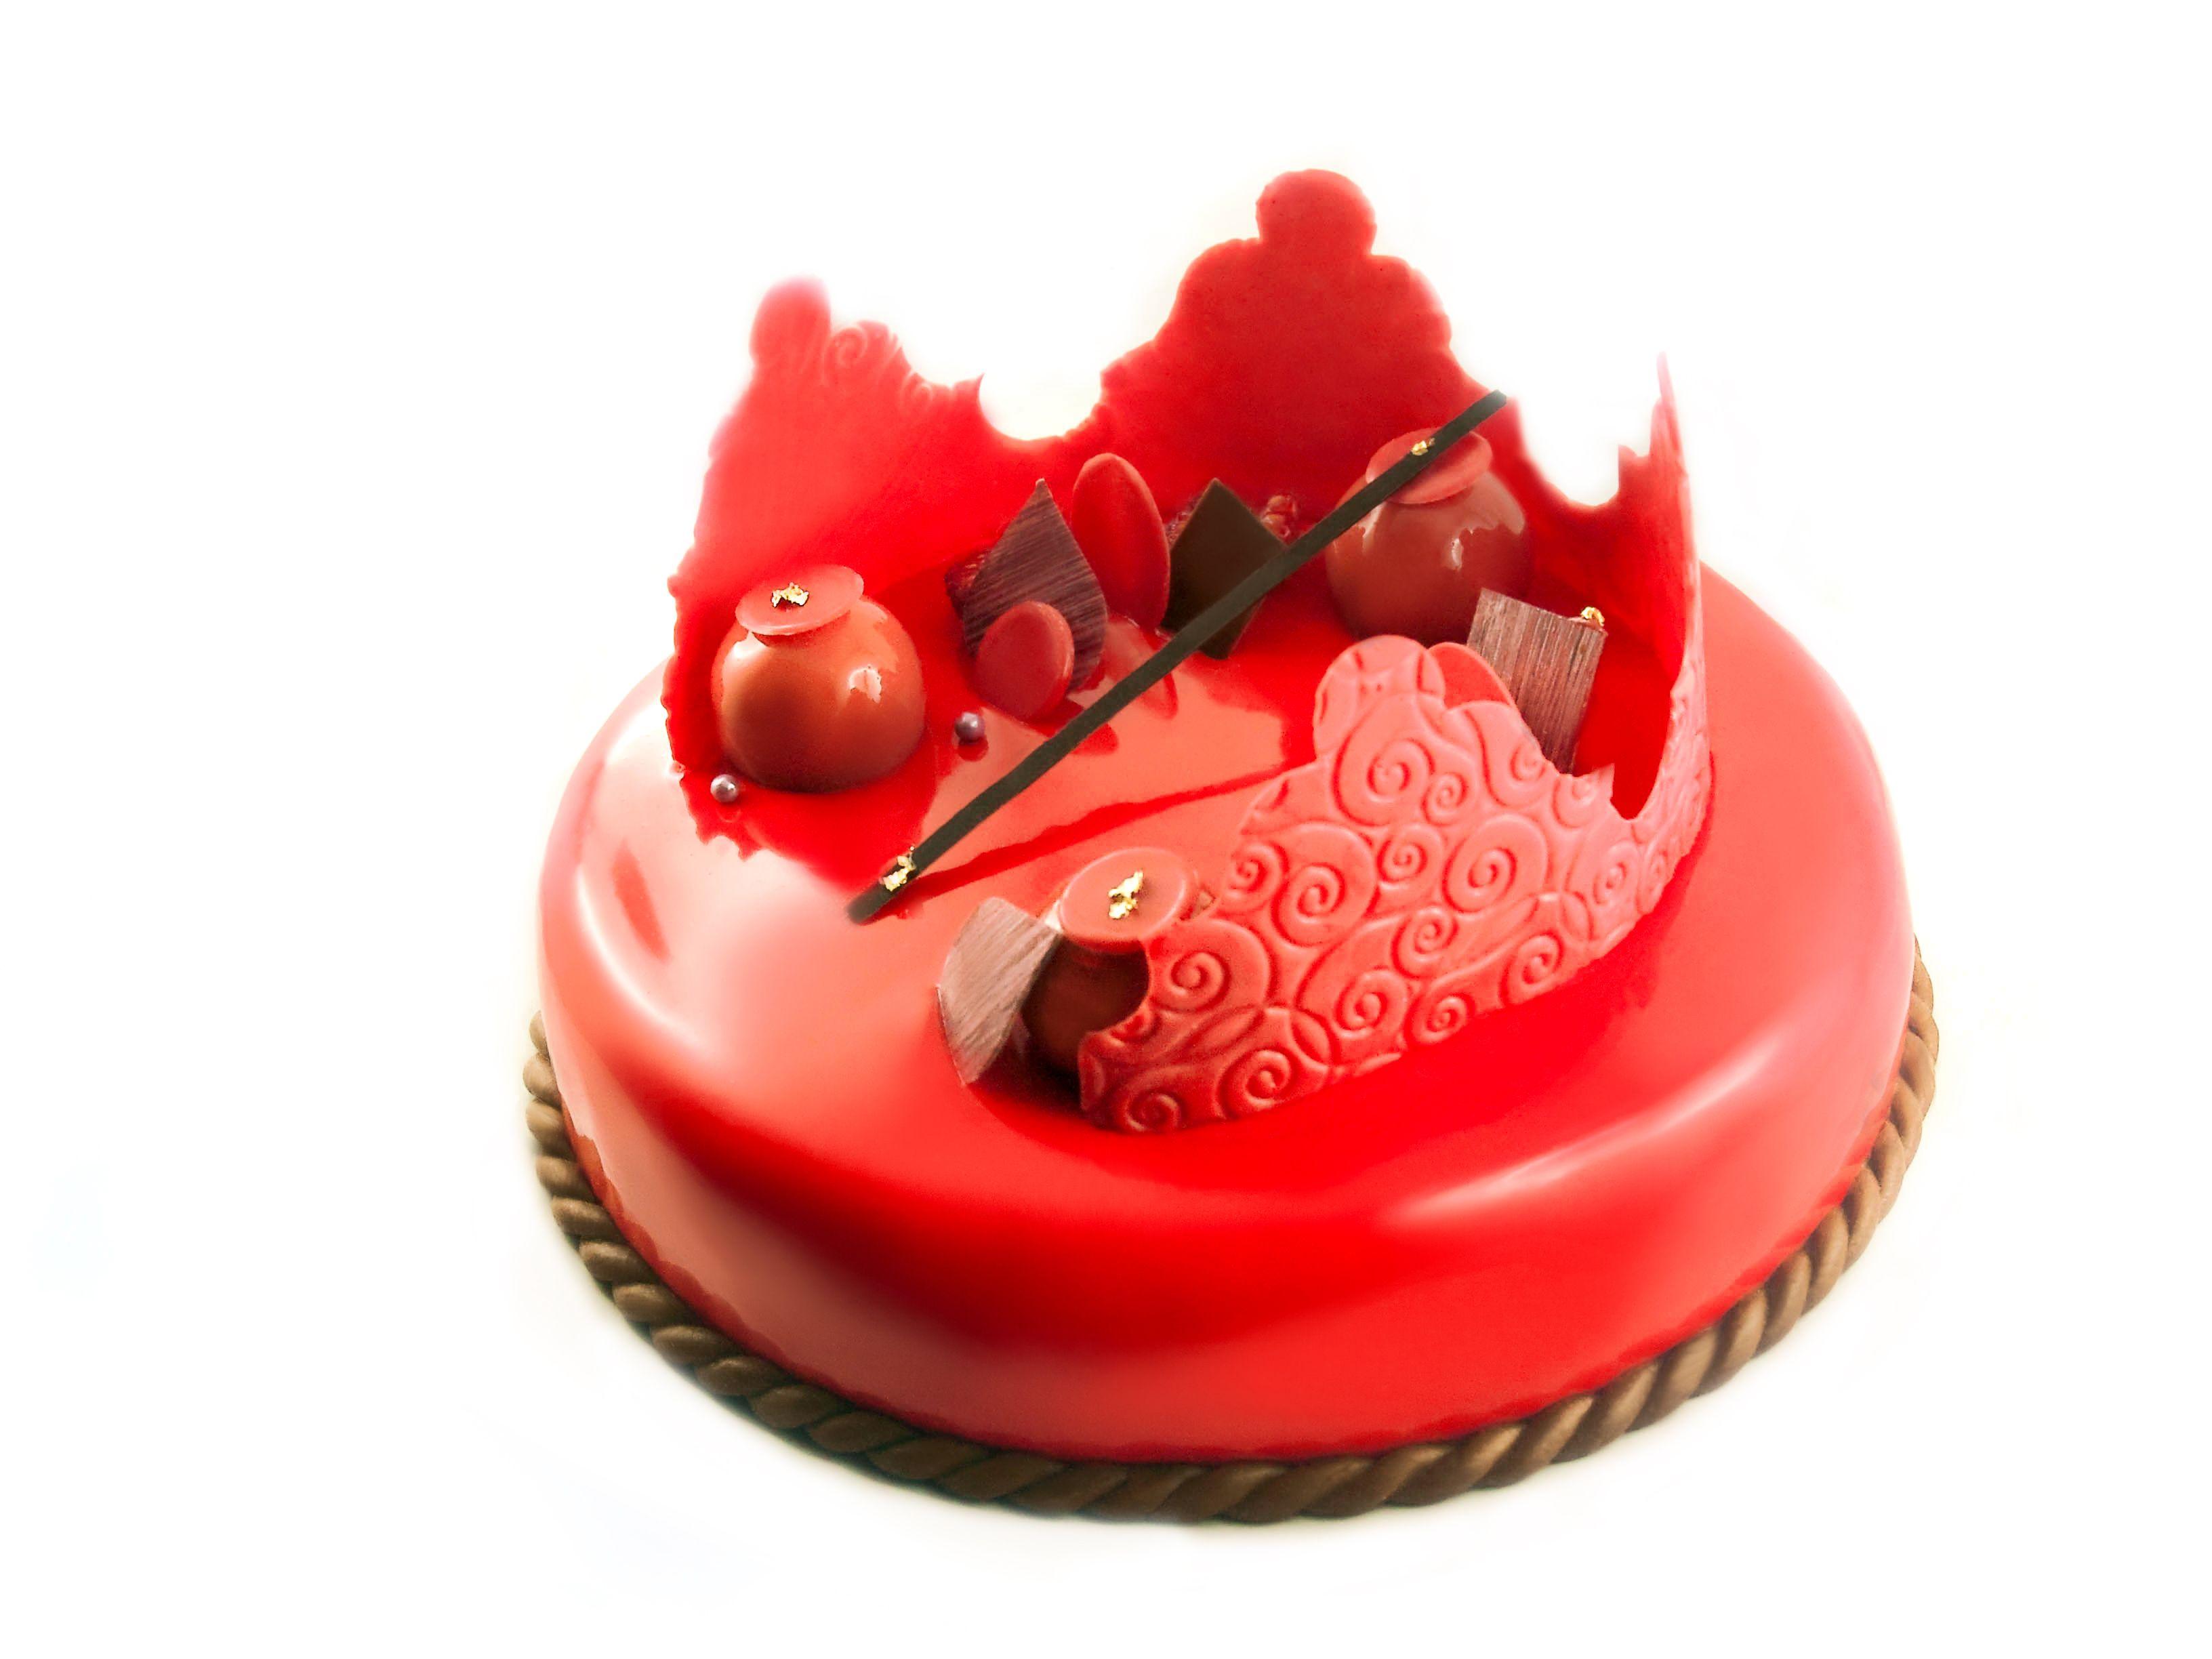 Entremets roi de coeurs biscuit financier la violette for Miroir framboise